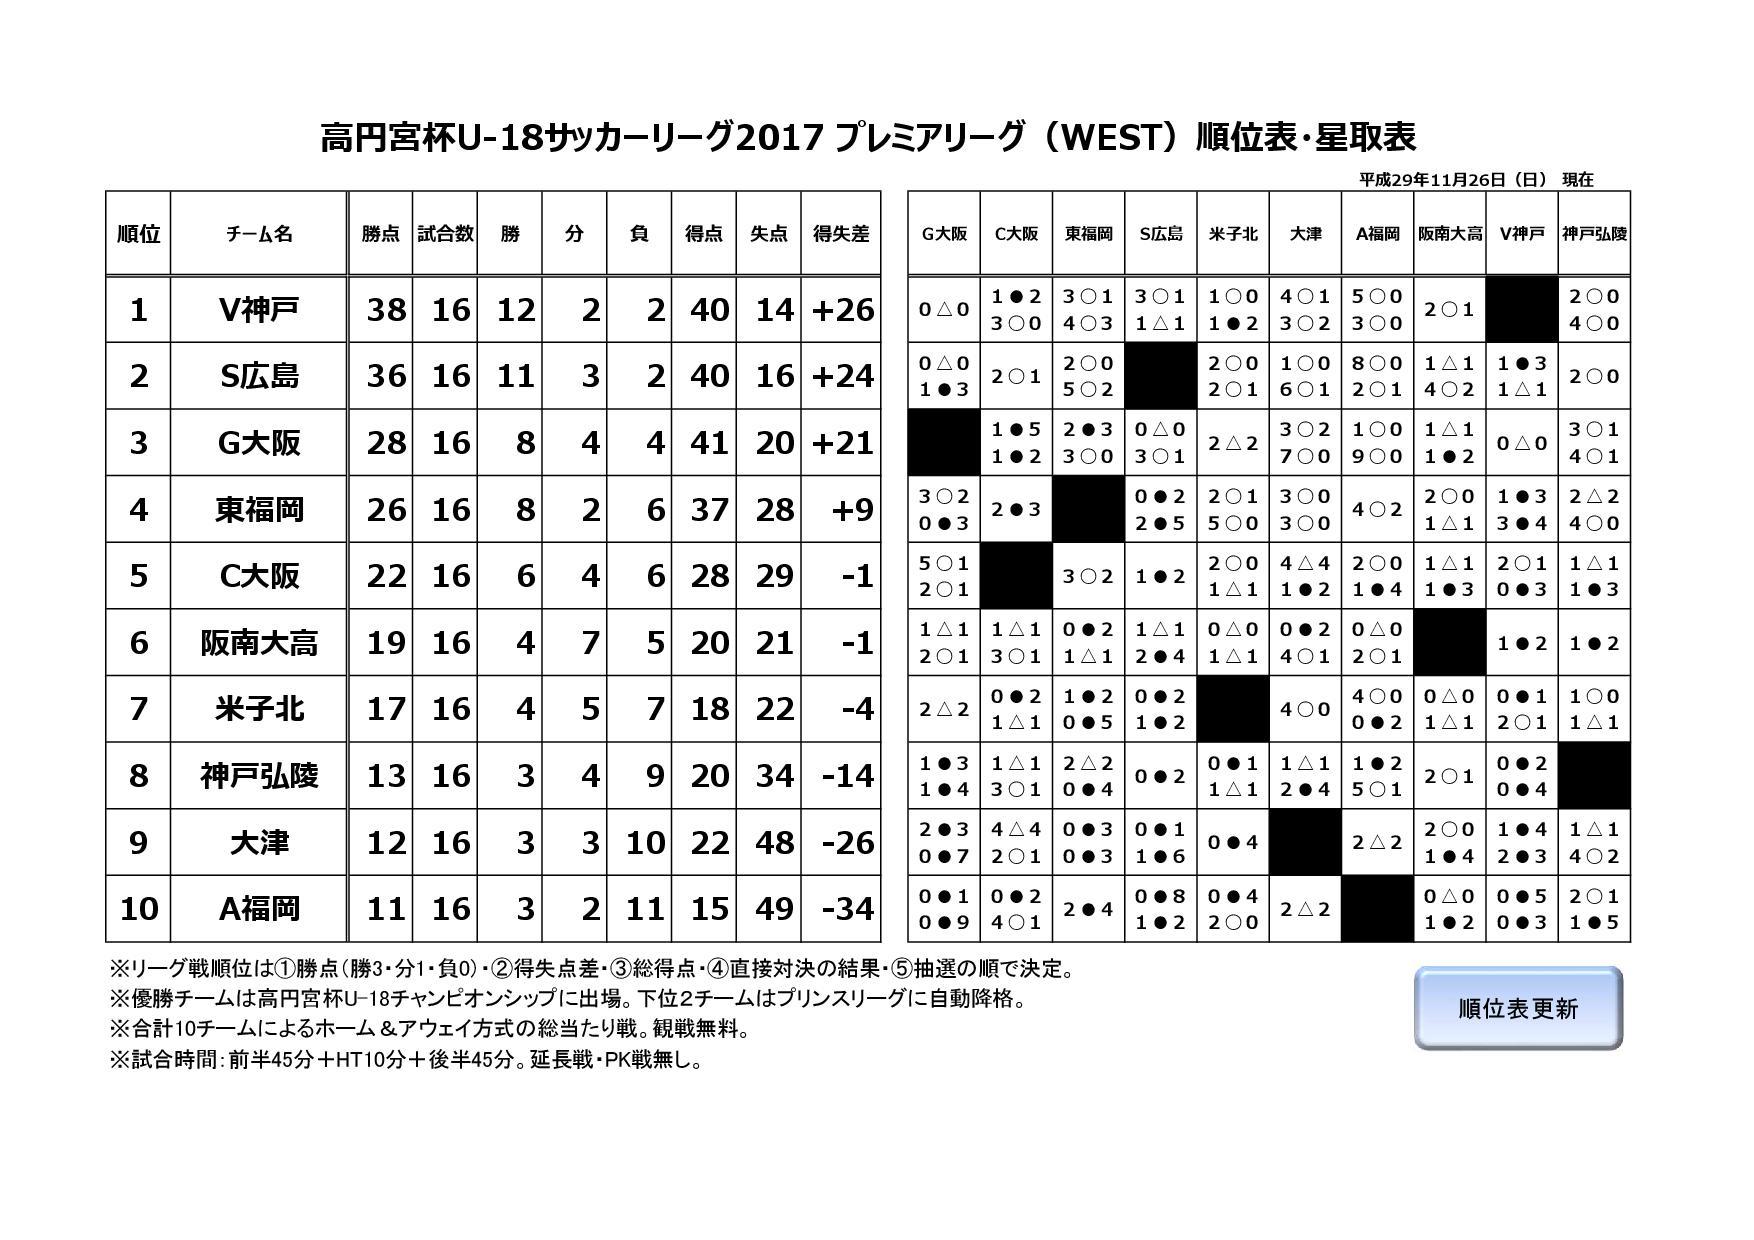 第7回高円宮杯プレミアリーグWEST2017